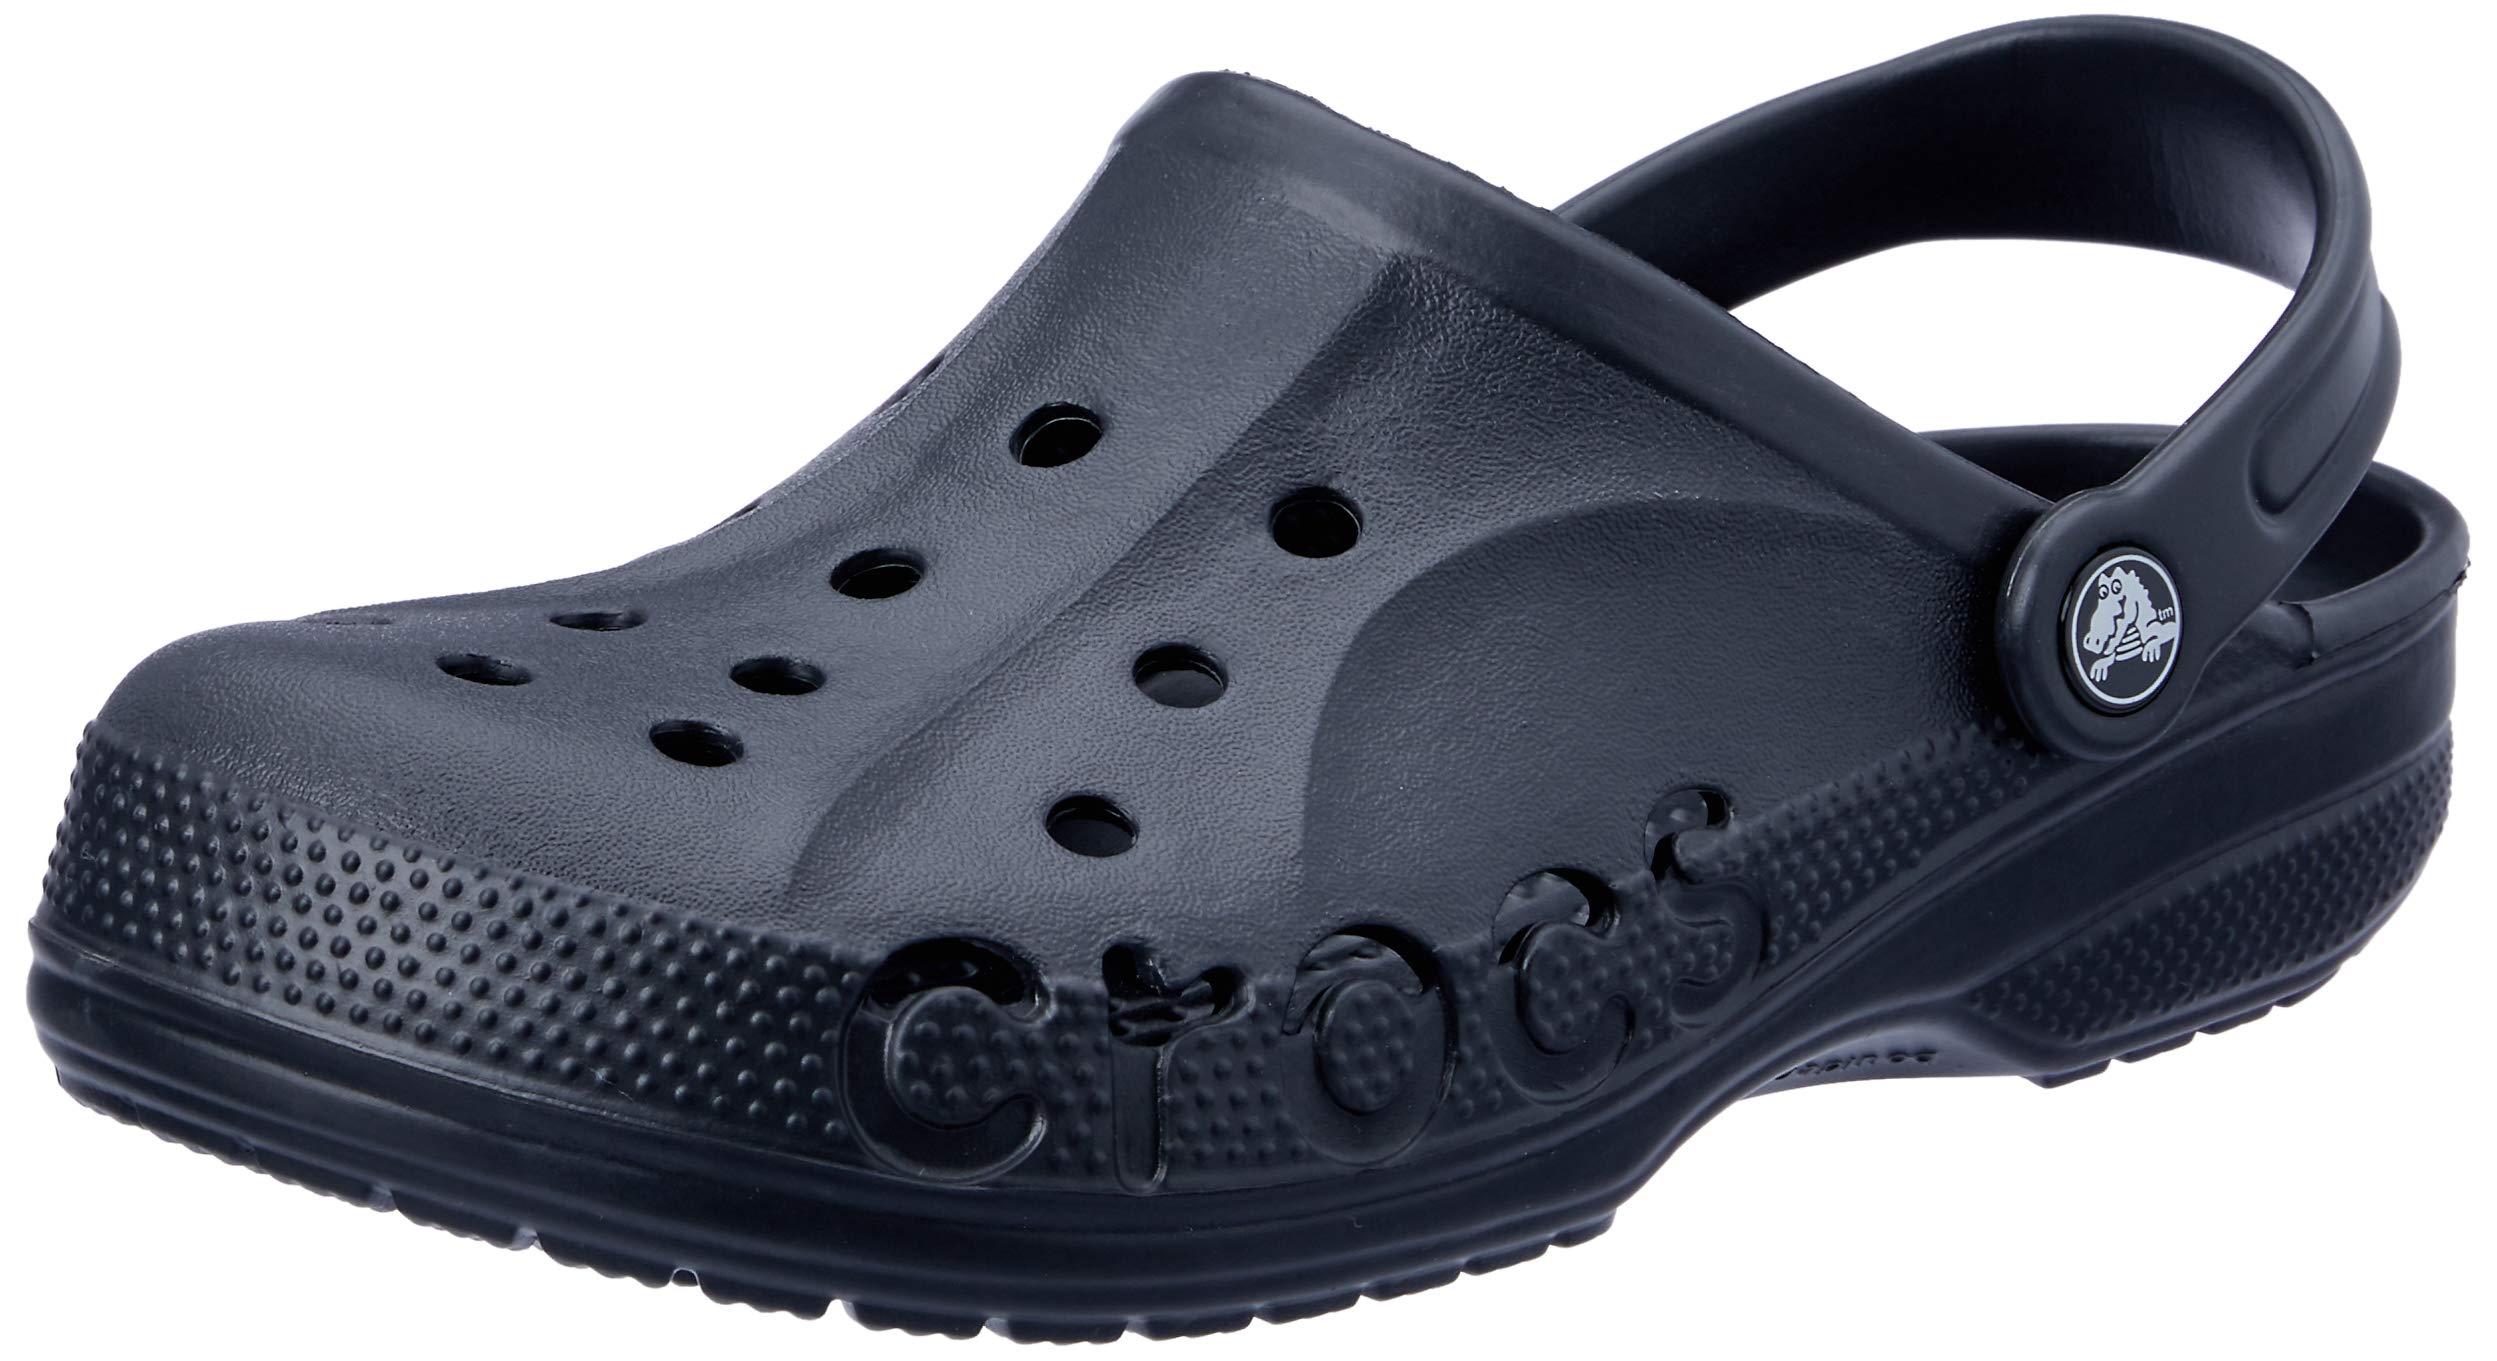 crocs Baya Clog Mule, Black, 12 US Men / 14 US Women